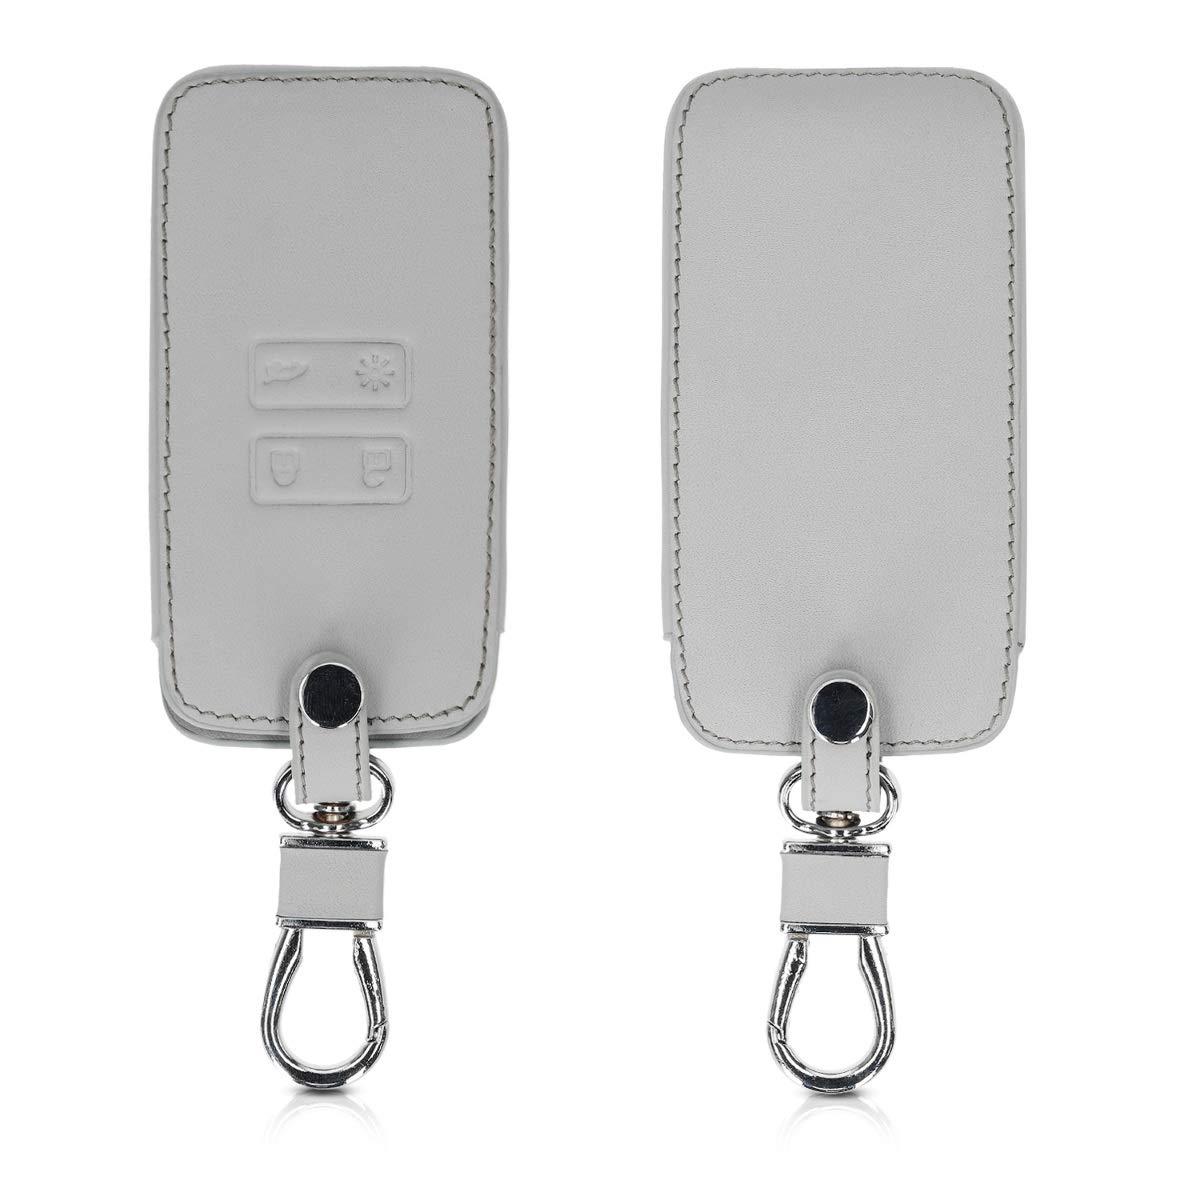 kwmobile Accessoire Clef de Voiture pour Renault - Coque de clé de Voiture en Simili Cuir pour Clef de Voiture Smart Key (Keyless Go Uniquement) Renault 4-Bouton - Blanc-Gris